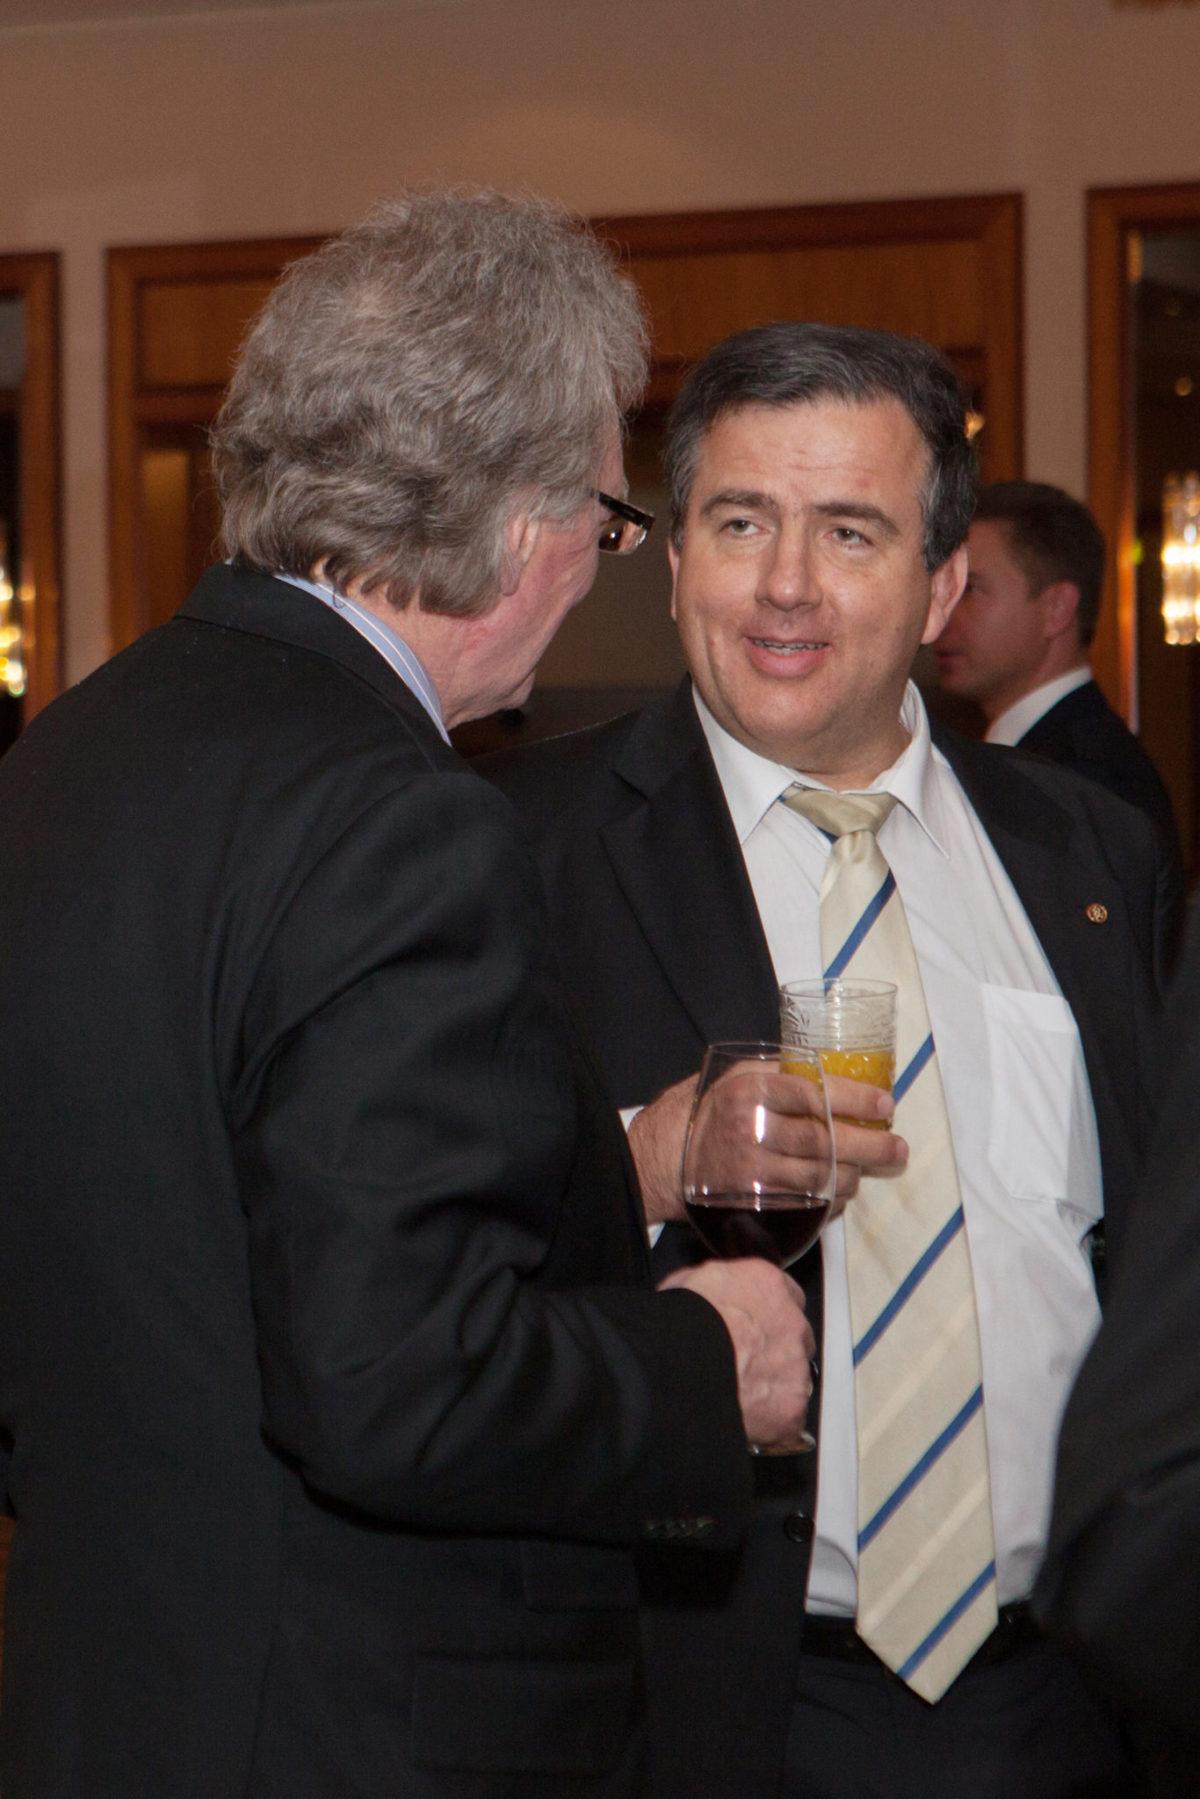 Aktuelle Wirtschaftsereignisse – Zoltán Cséfalvay und Árpád Kovács im Gespräch